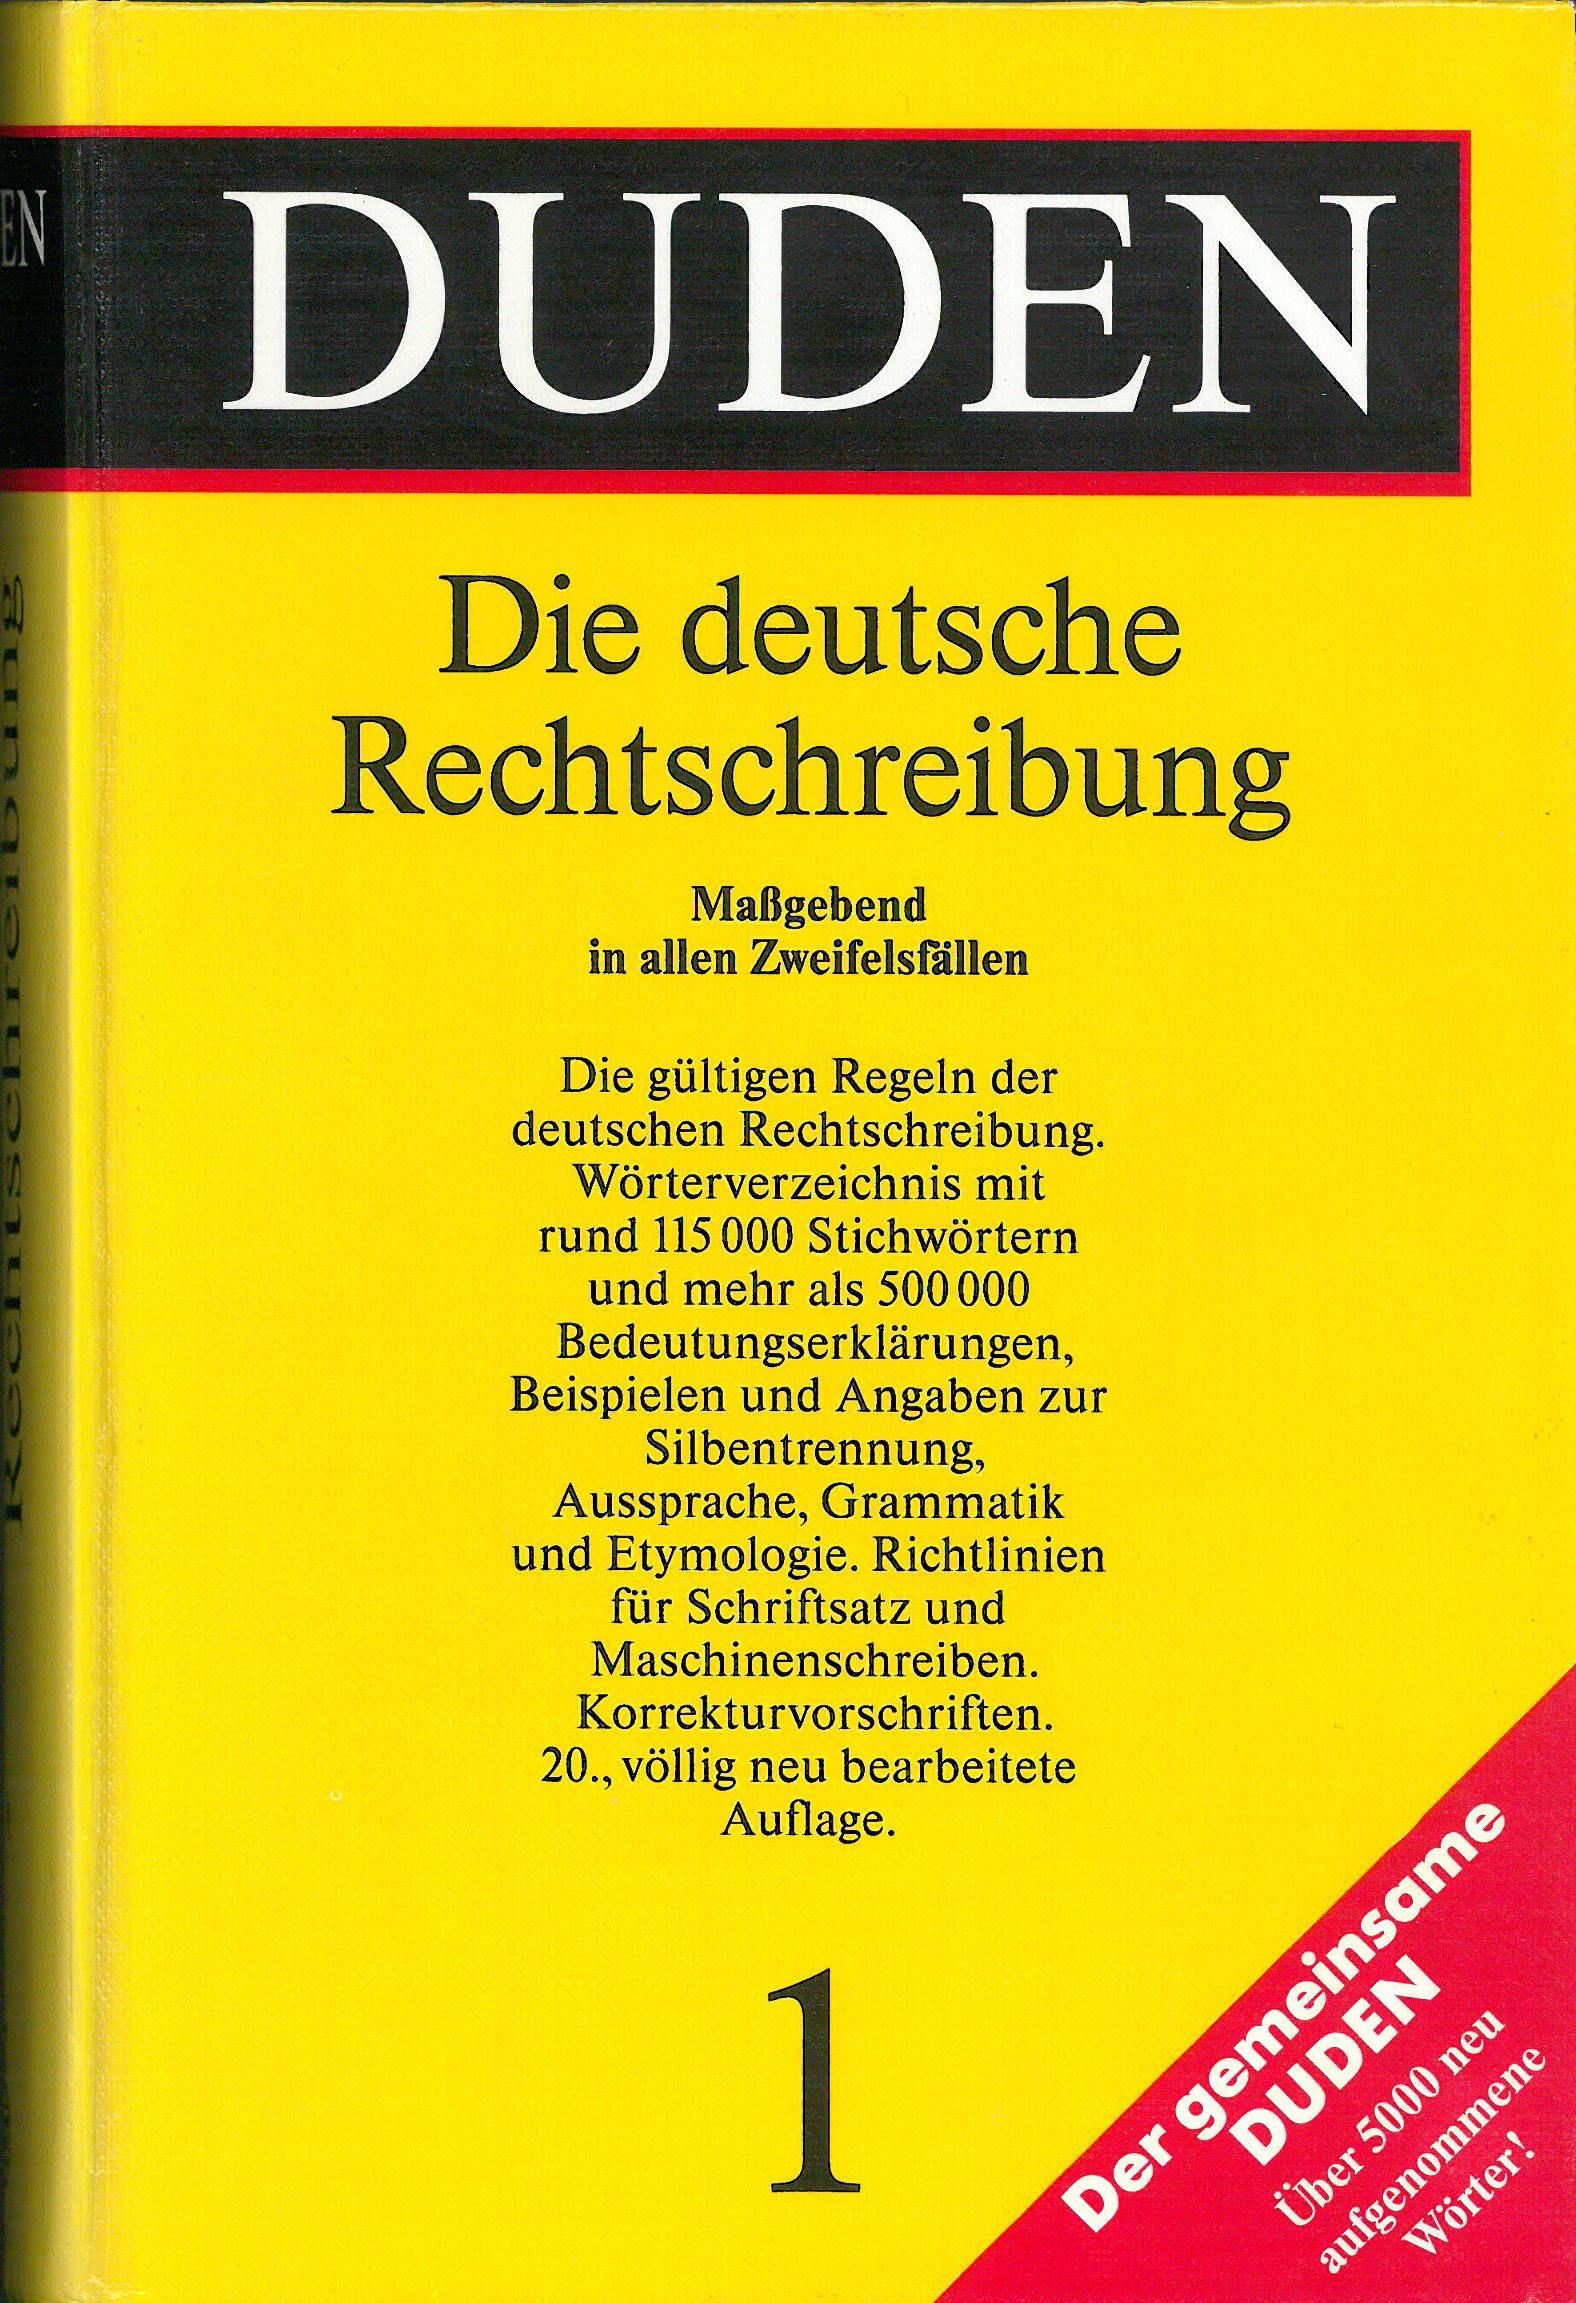 Duden Auflagen Des Dudens 18802017